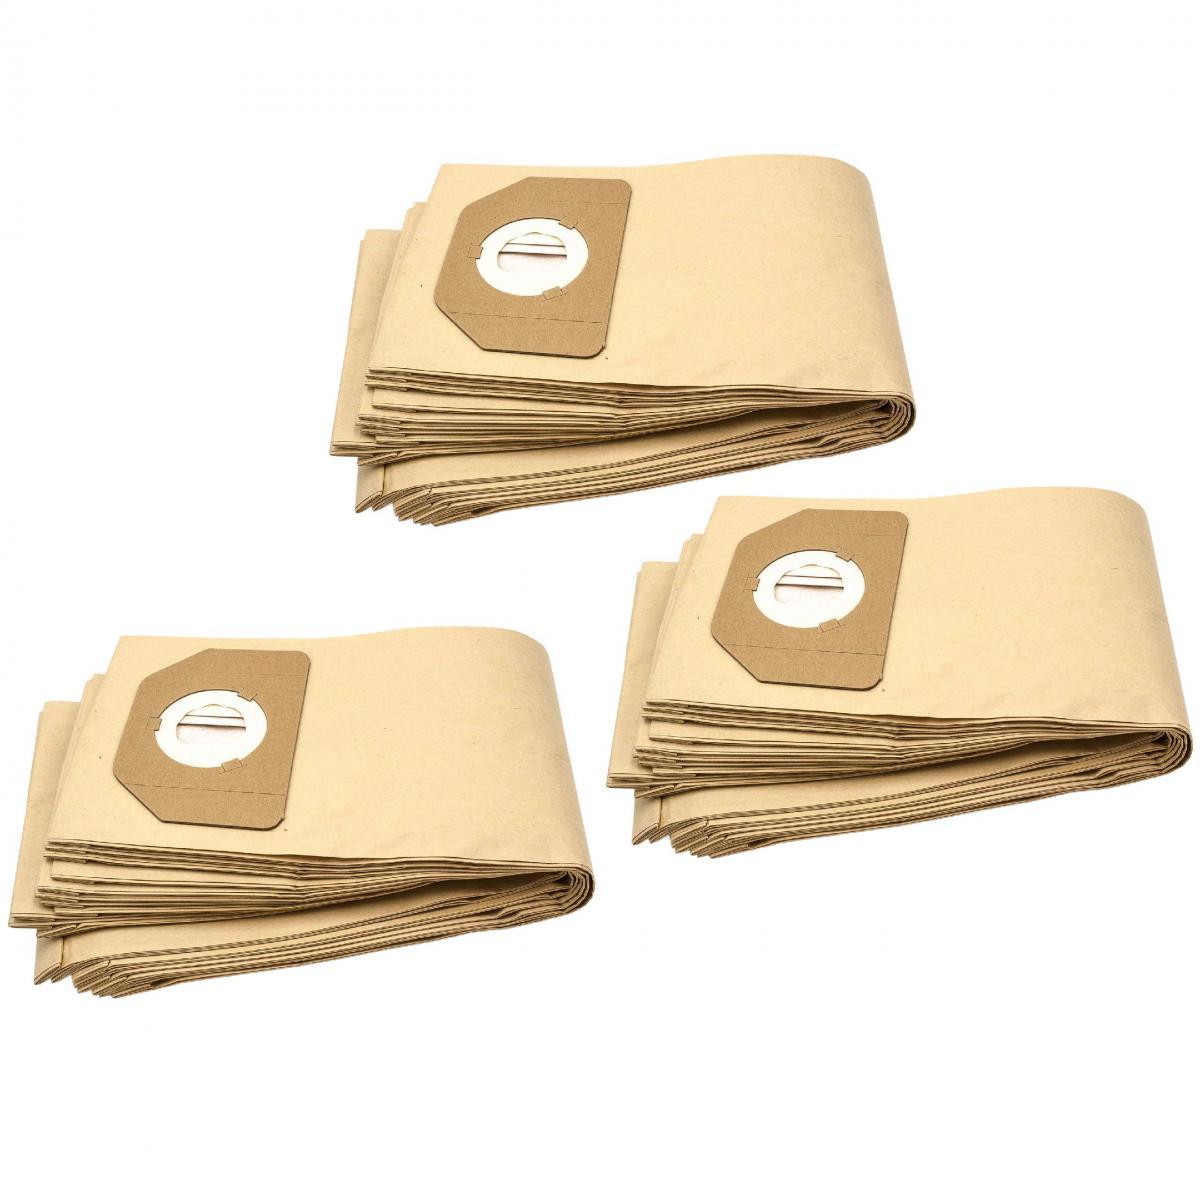 Vhbw vhbw 30x sacs compatible avec Rowenta RU 30-46, RU 461, RU 520 S, RU 521, Vorace, ZR 80, ZR 804 aspirateur - papier, mar